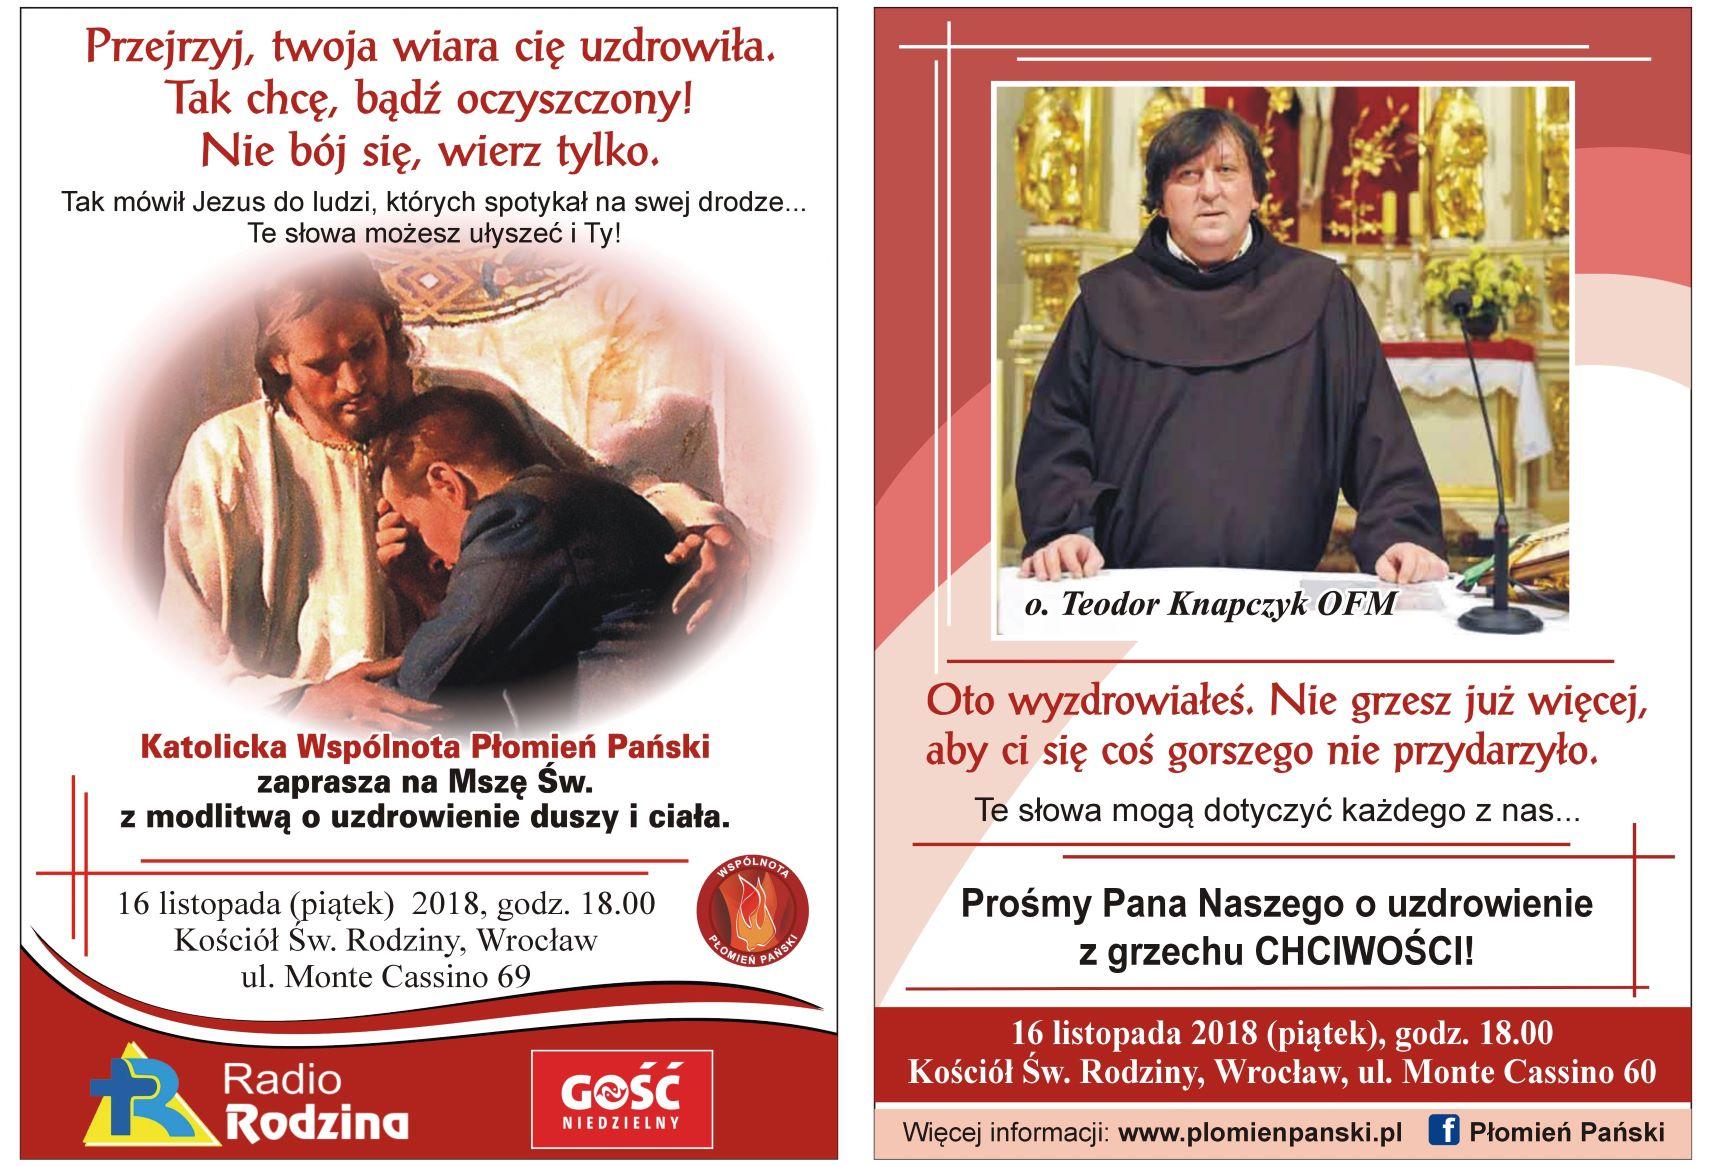 Płomień Pański uzdrowienie 02 mały